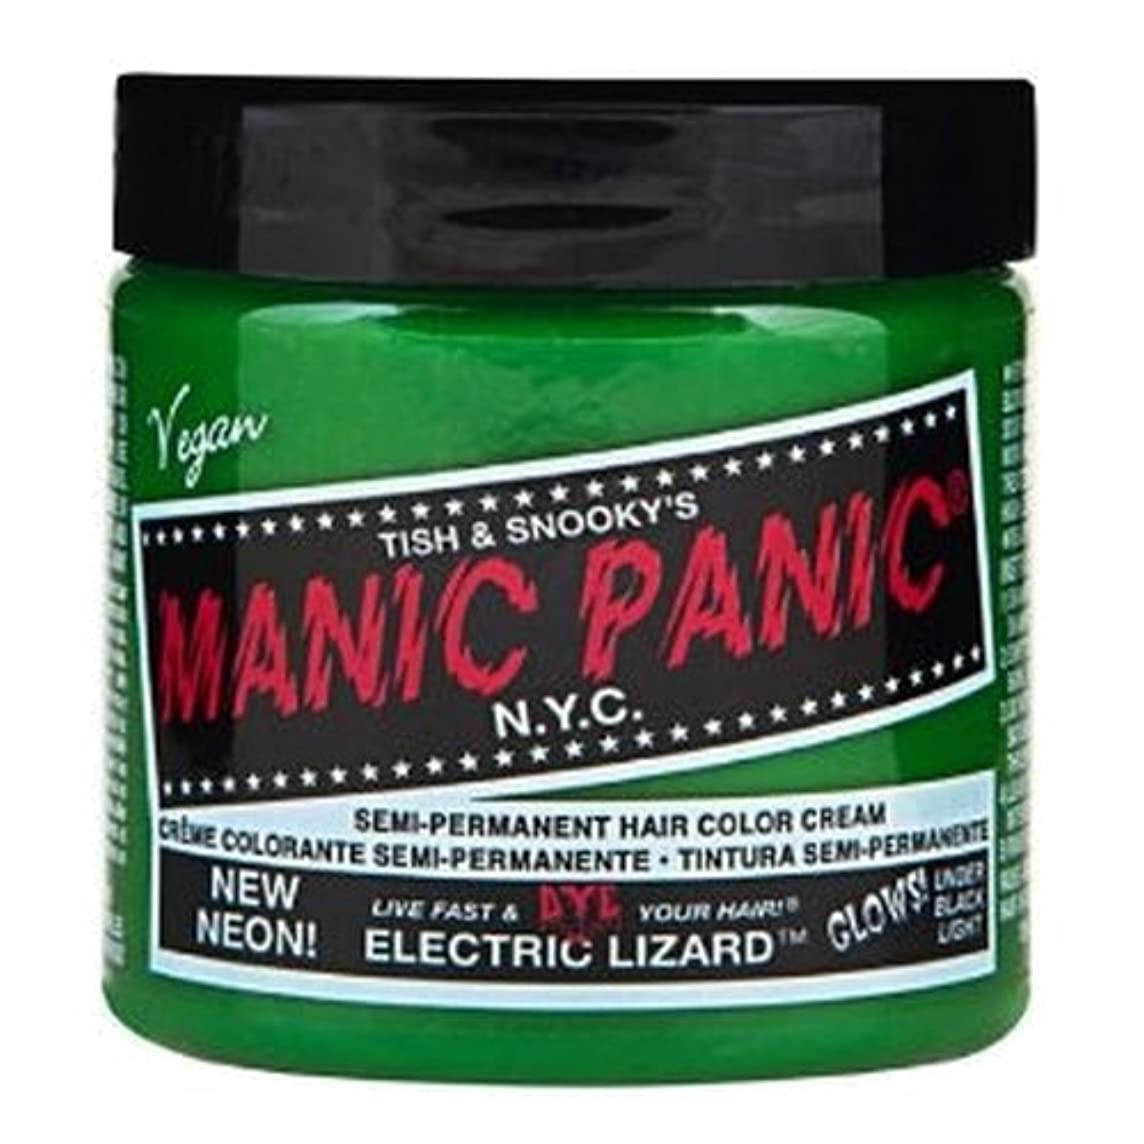 マニックパニック カラークリーム エレクトリックリザード